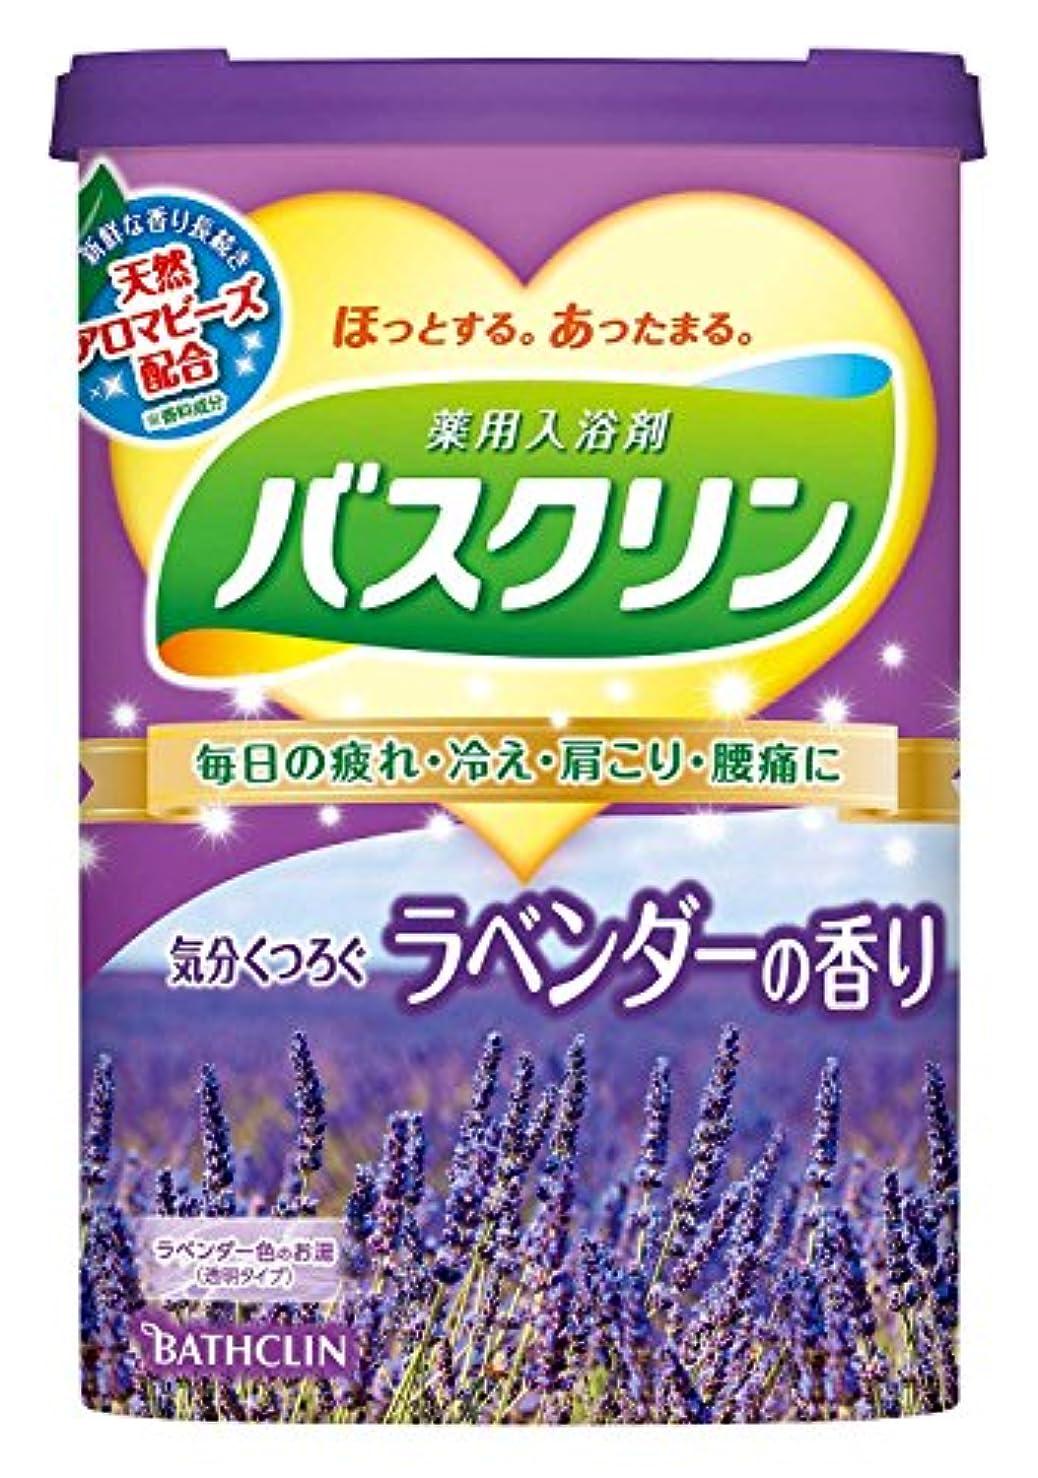 弁護士作曲家ごみ【医薬部外品】バスクリン ラベンダーの香り 600g 入浴剤